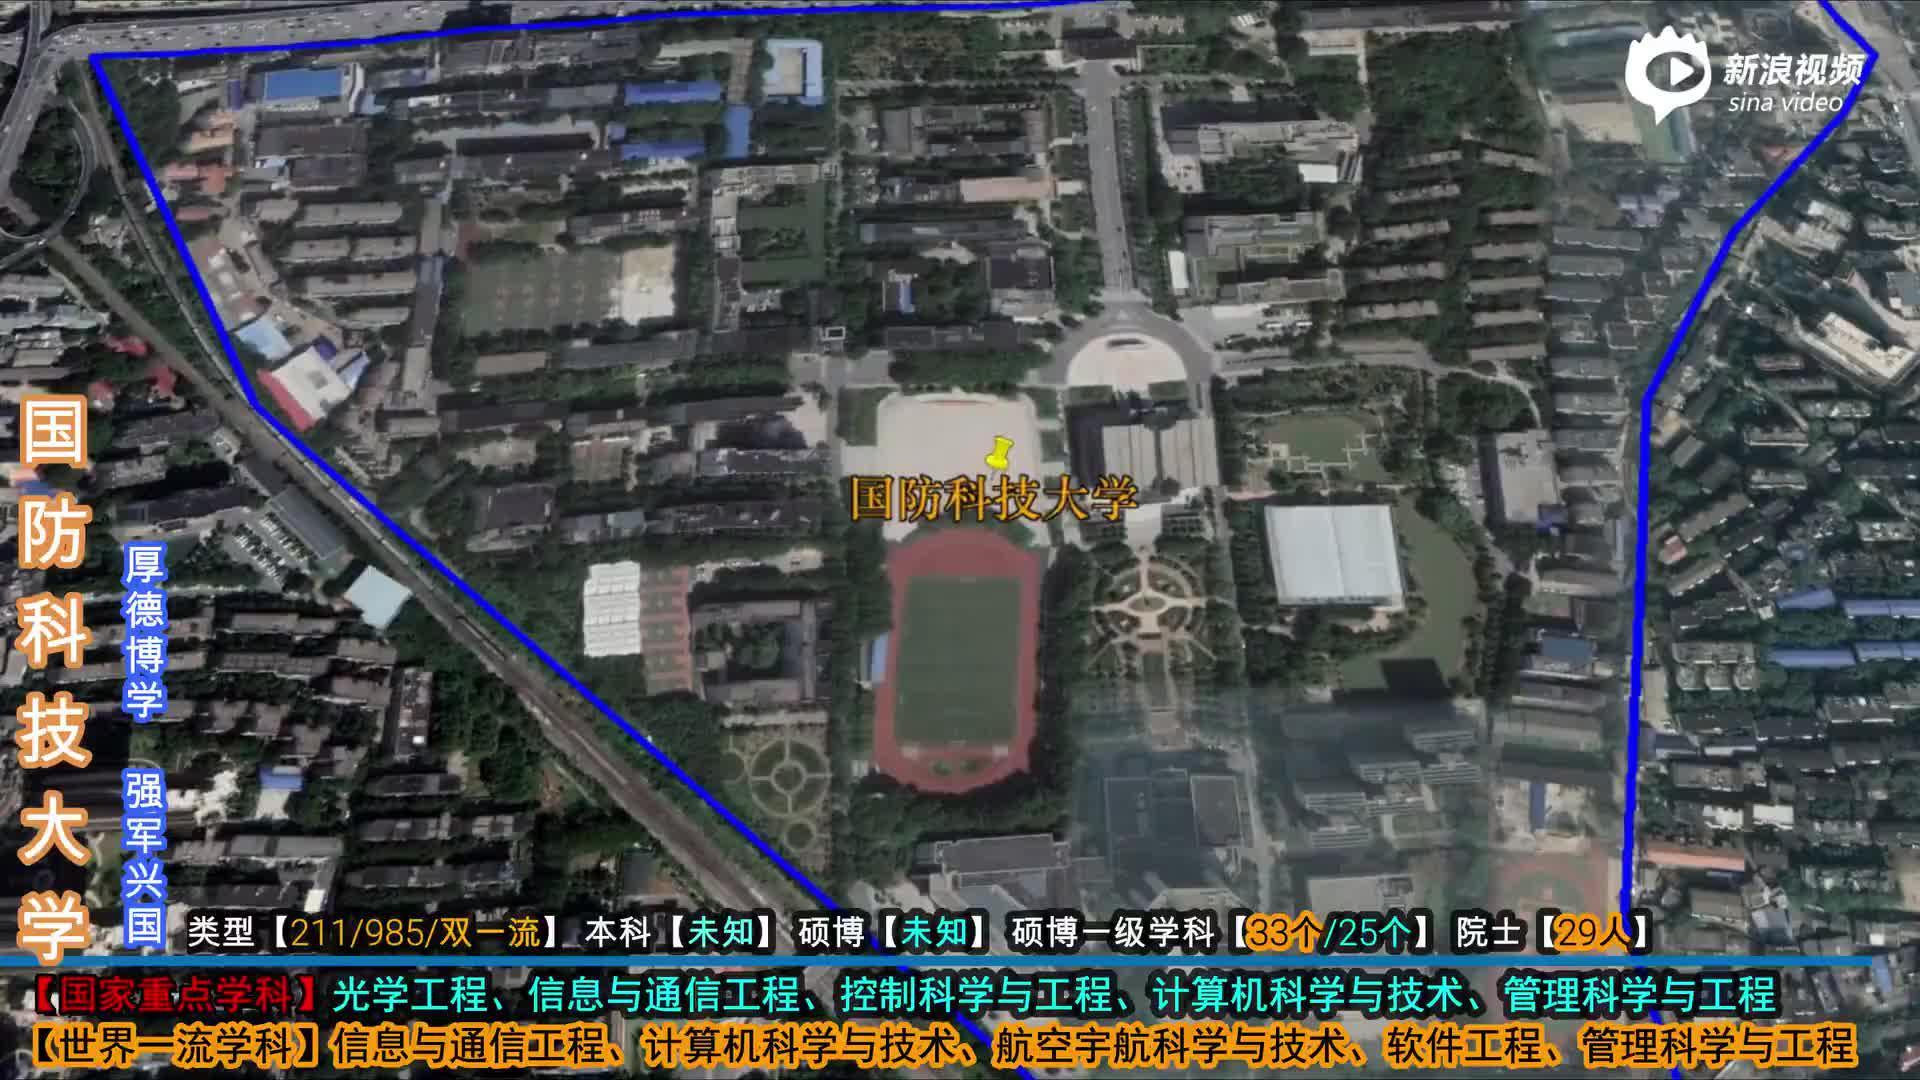 视频带你了解被美国列入实体清单的13所中国高校